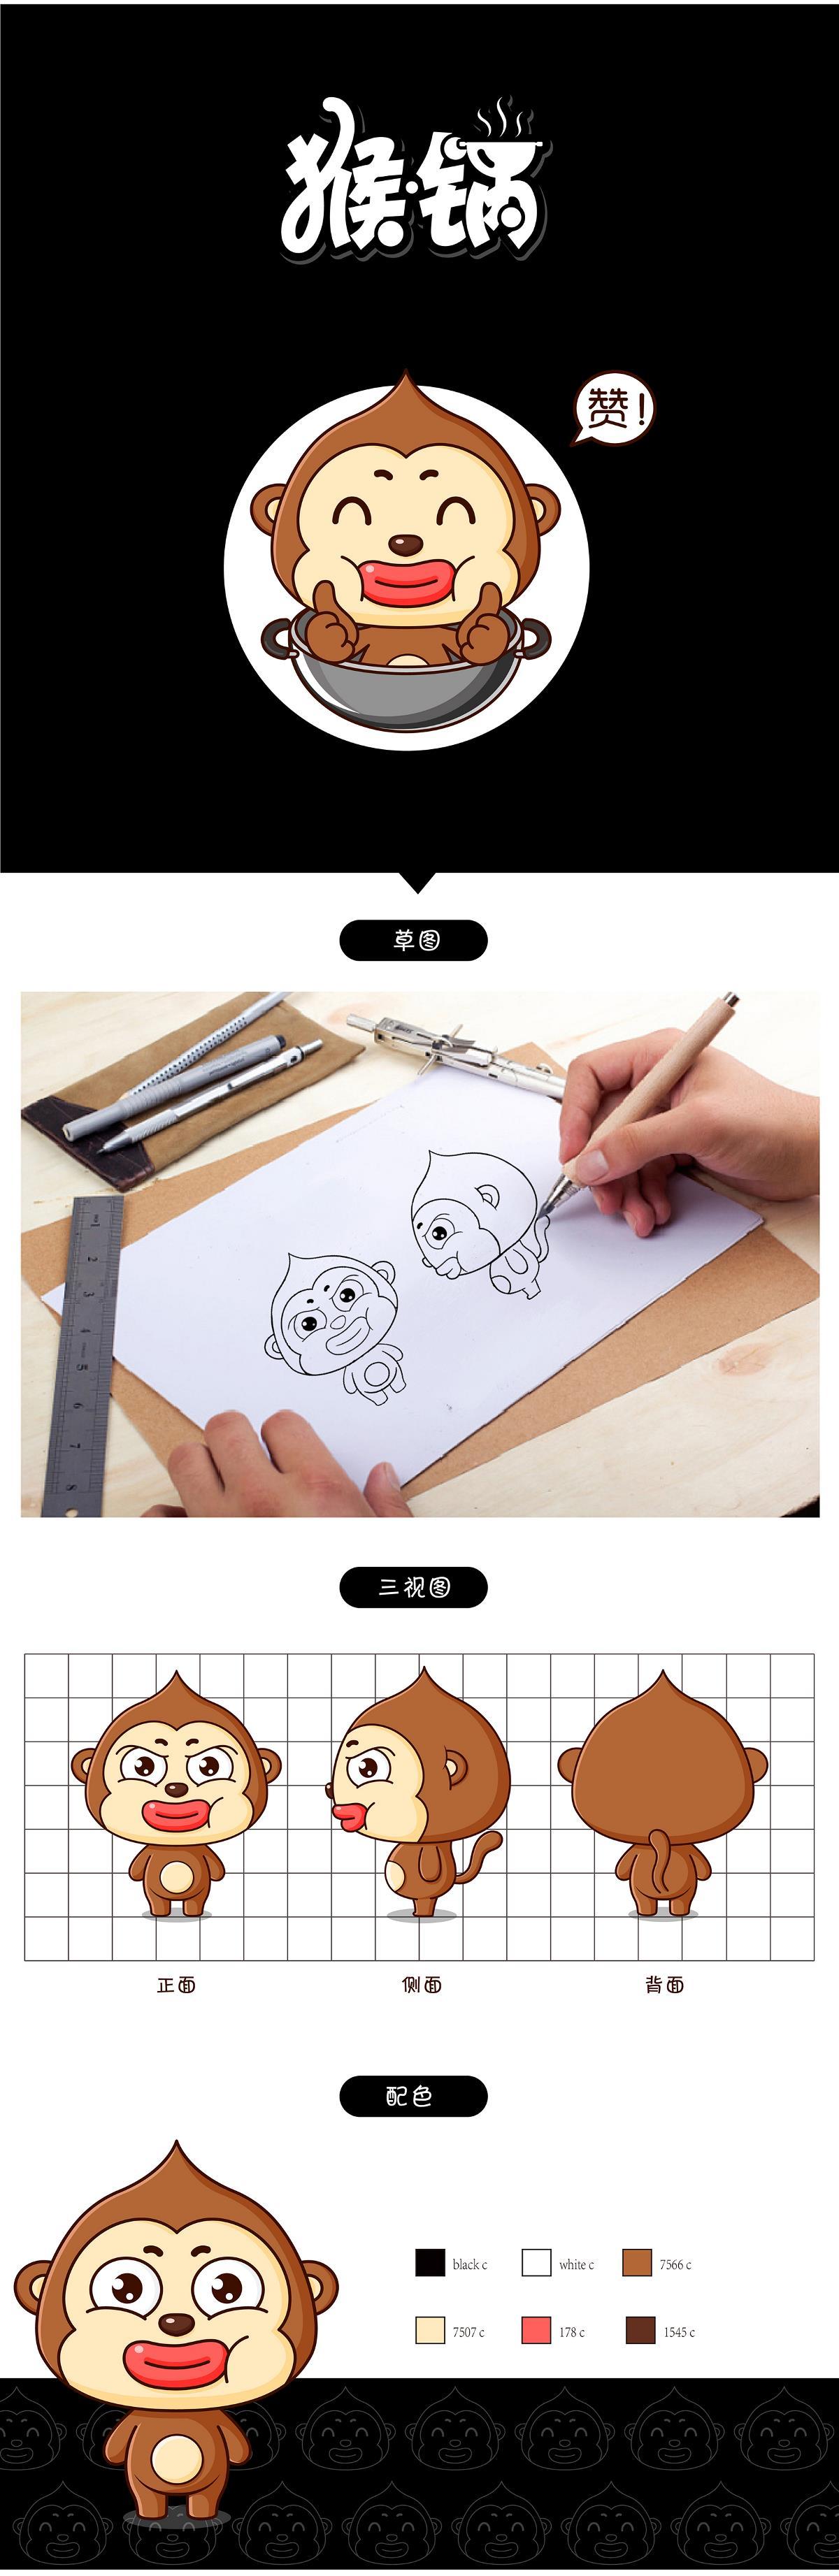 猴锅猴君卡通形象吉祥物设计微信表情gif设计---茁茁猫原创设计